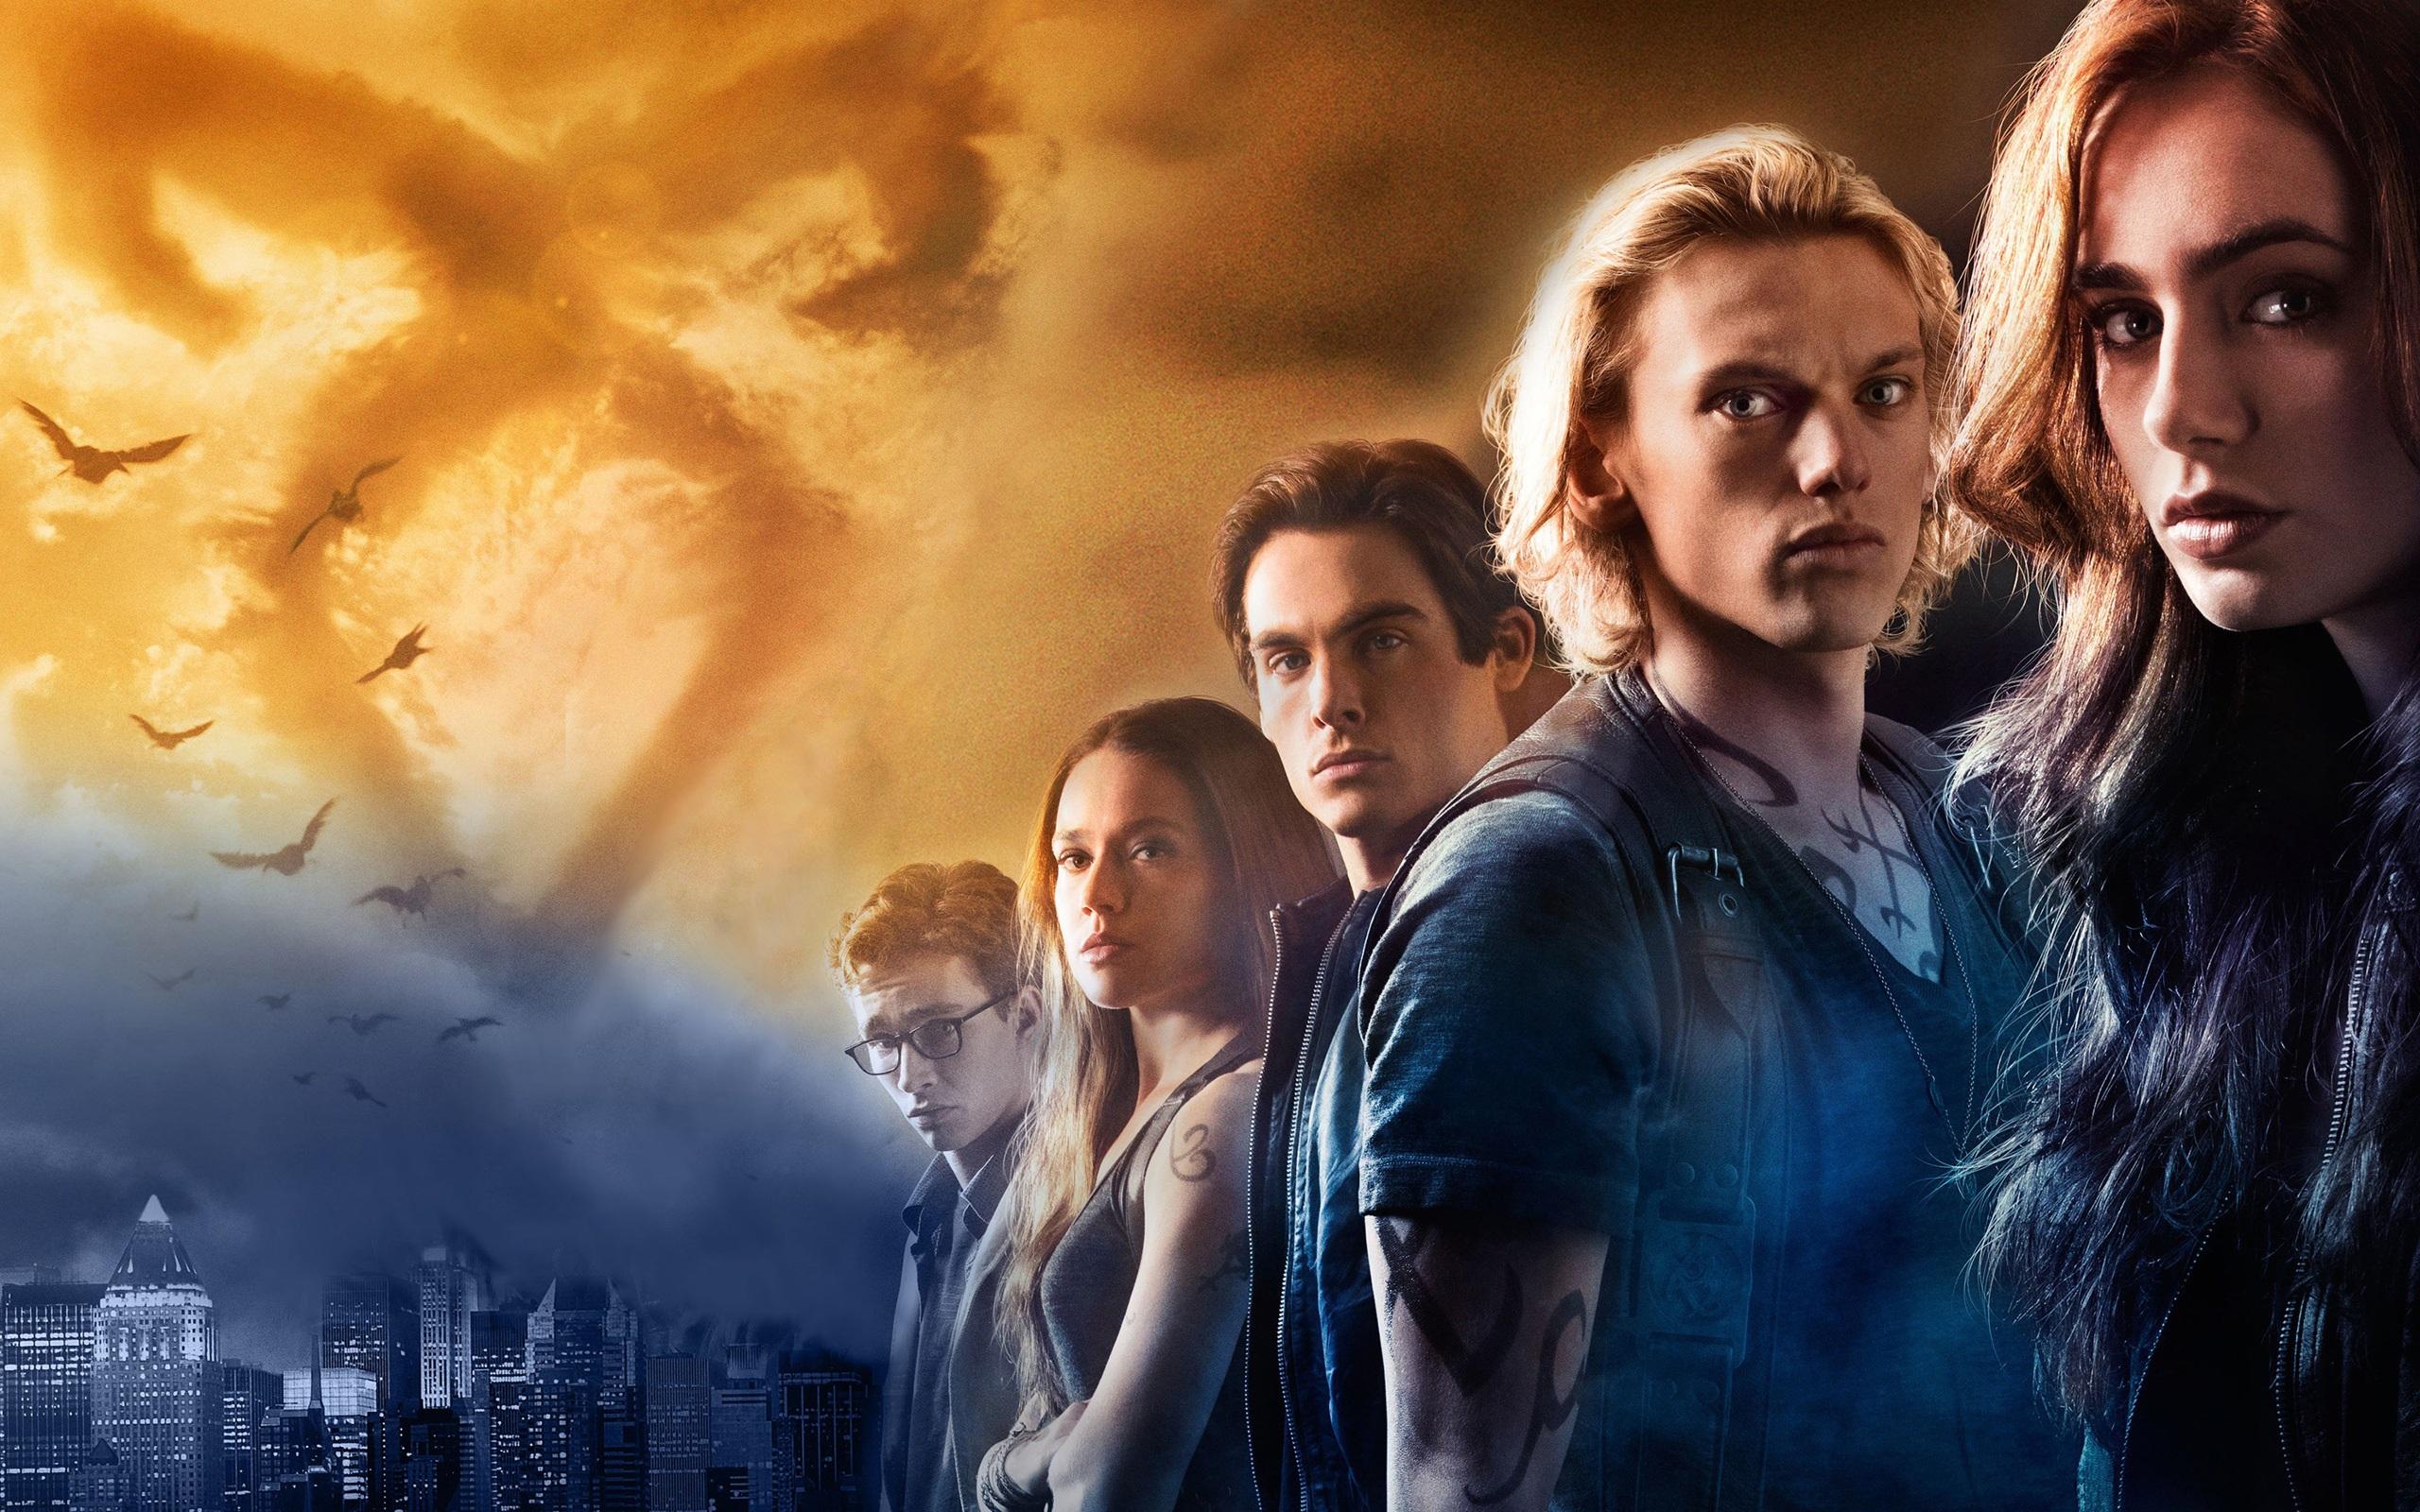 Shadowhunters Città di ossa The Mortal Instruments City of Bones è un film del 2013 diretto da Harald Zwart Il film è tratto dallomonimo romanzo fantasy il